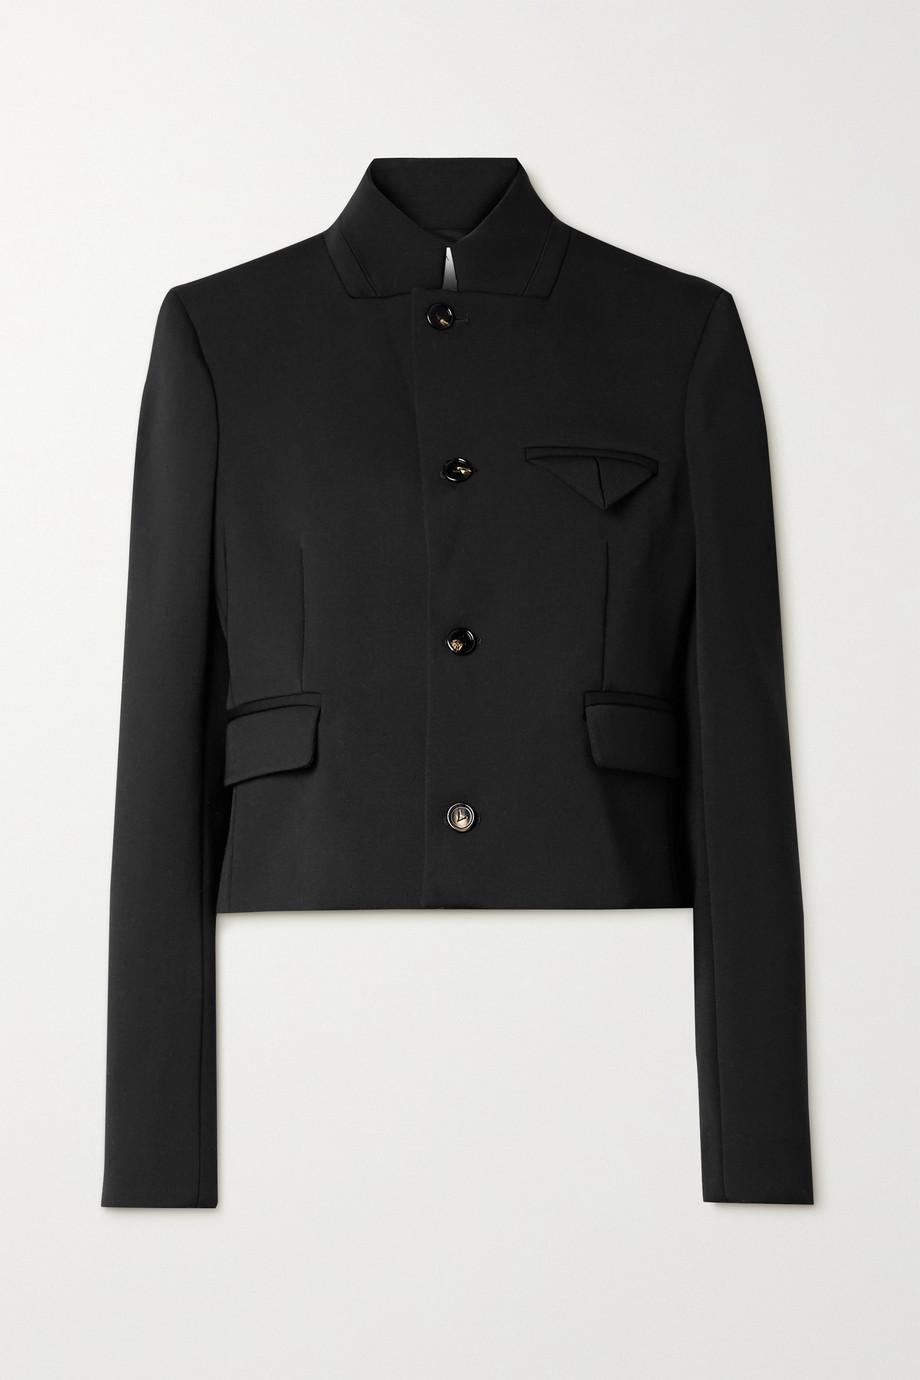 Bottega Veneta Verkürzte Jacke aus Twill aus einer Wollmischung